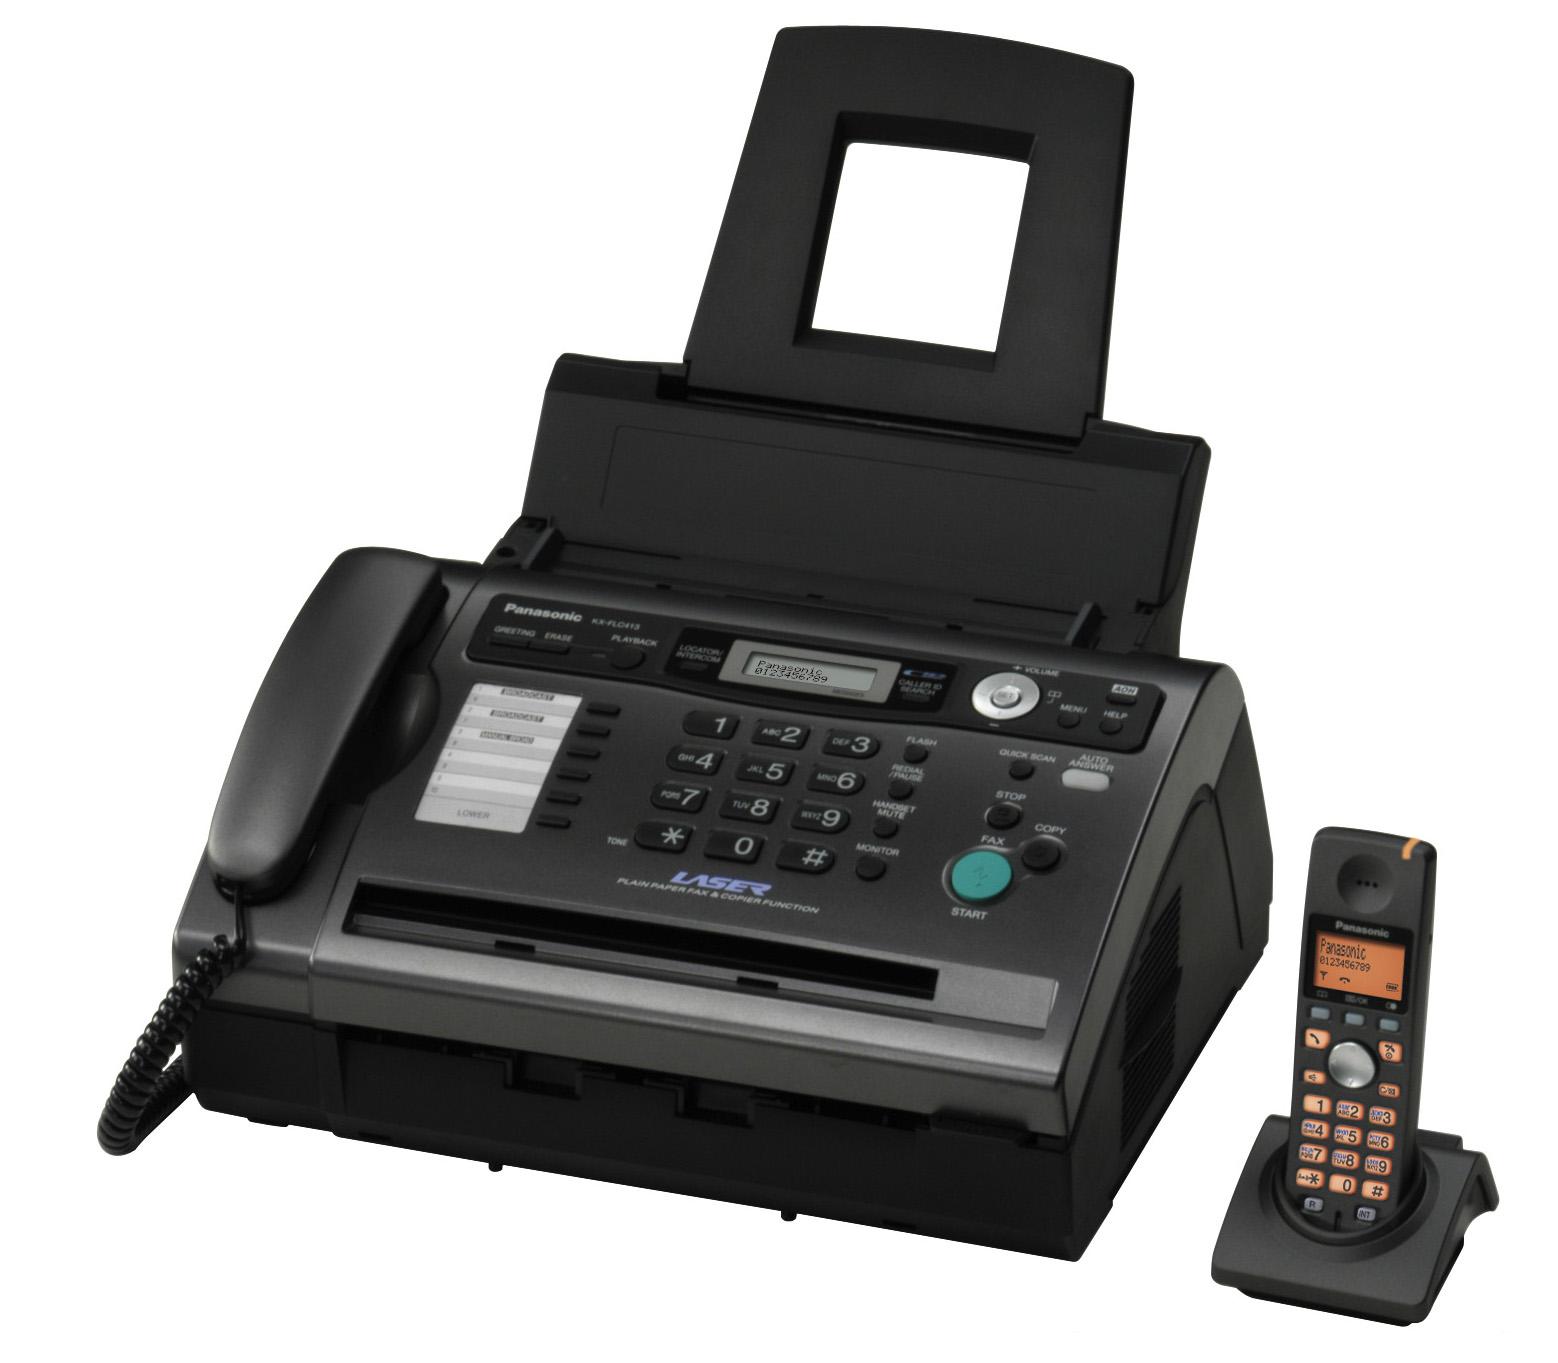 Panasonic kx flc413 инструкция